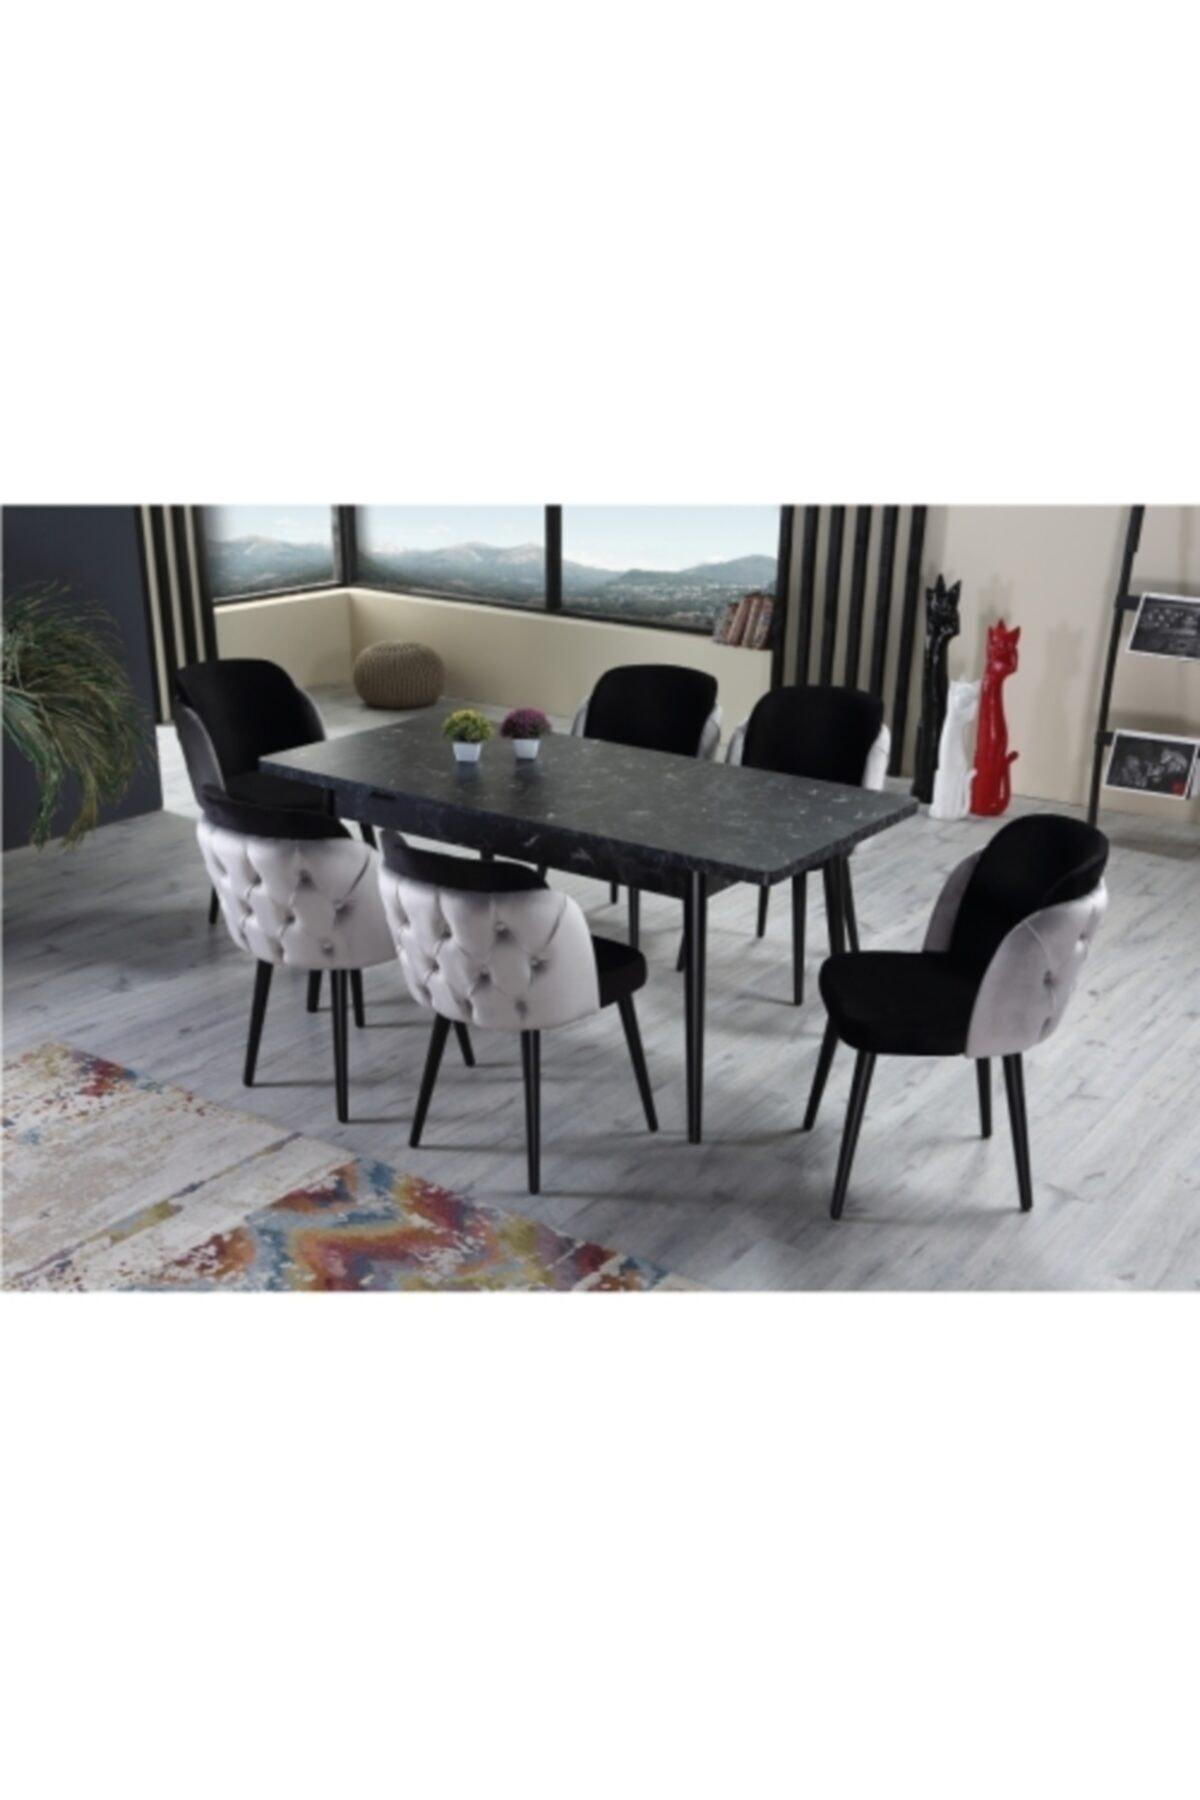 Siyah Yemek Masa Sandalye Takımı 6 Sandalyeli Safir